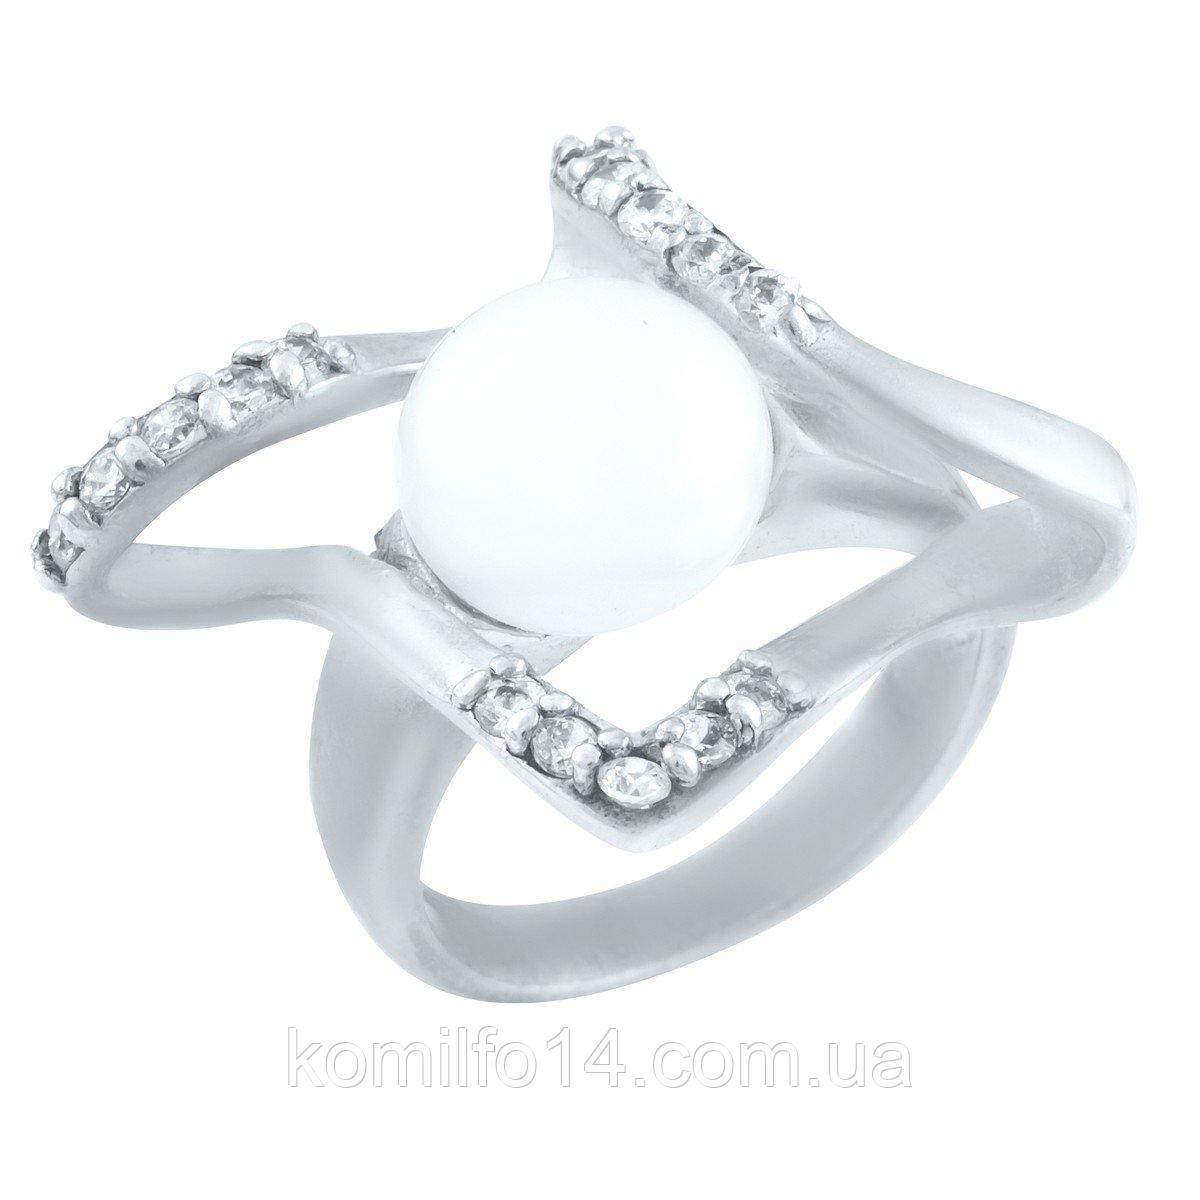 Срібне кільце з натуральними перлами